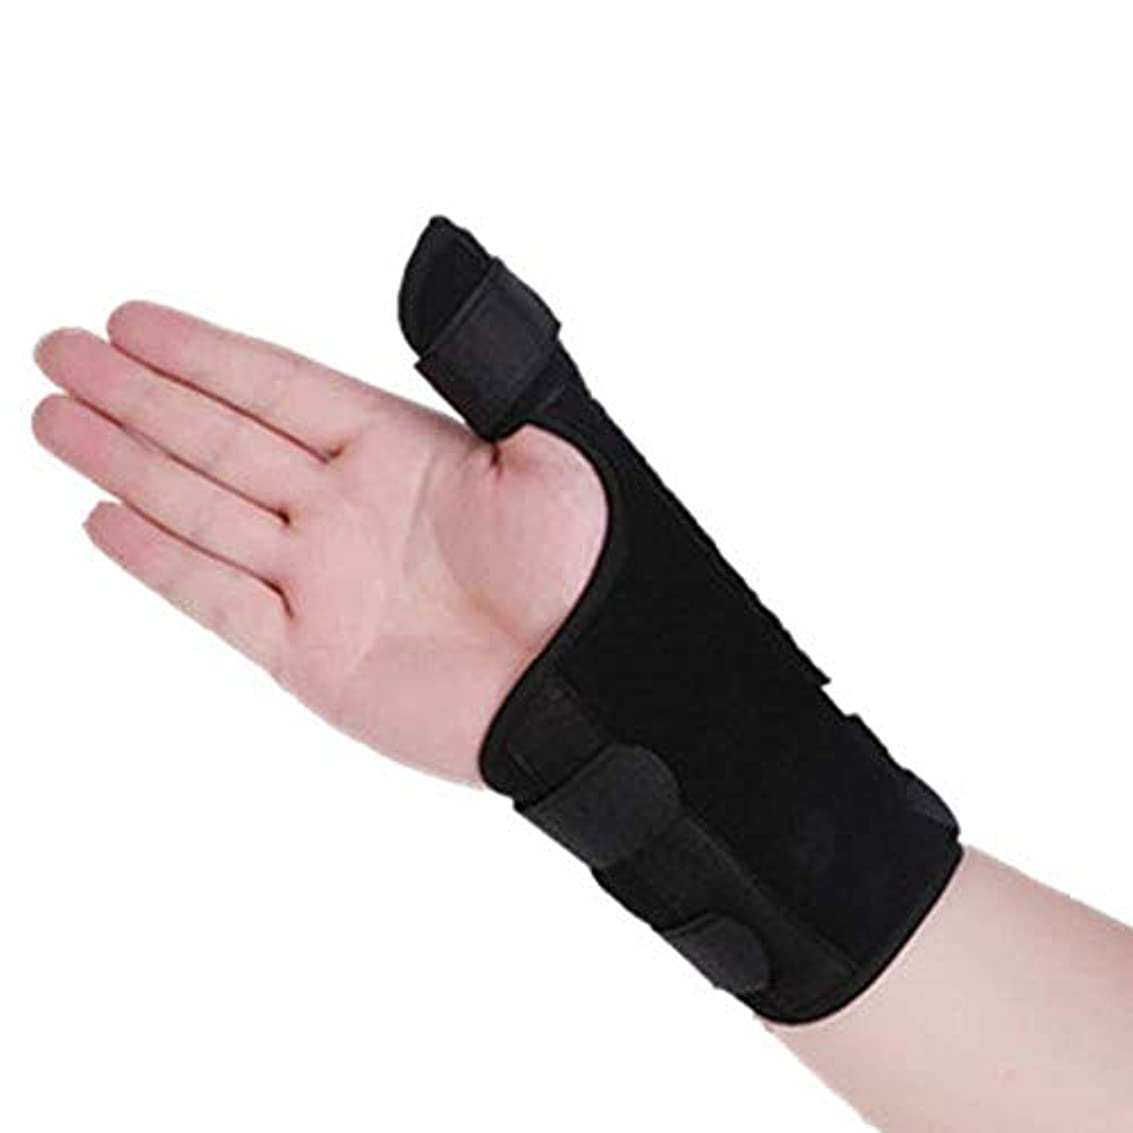 のヒープ拮抗するヨーロッパ指の添え木、手根管関節炎Sprain-1pairs用通気性医療手首サポートブレース添え木 (Size : Medium)